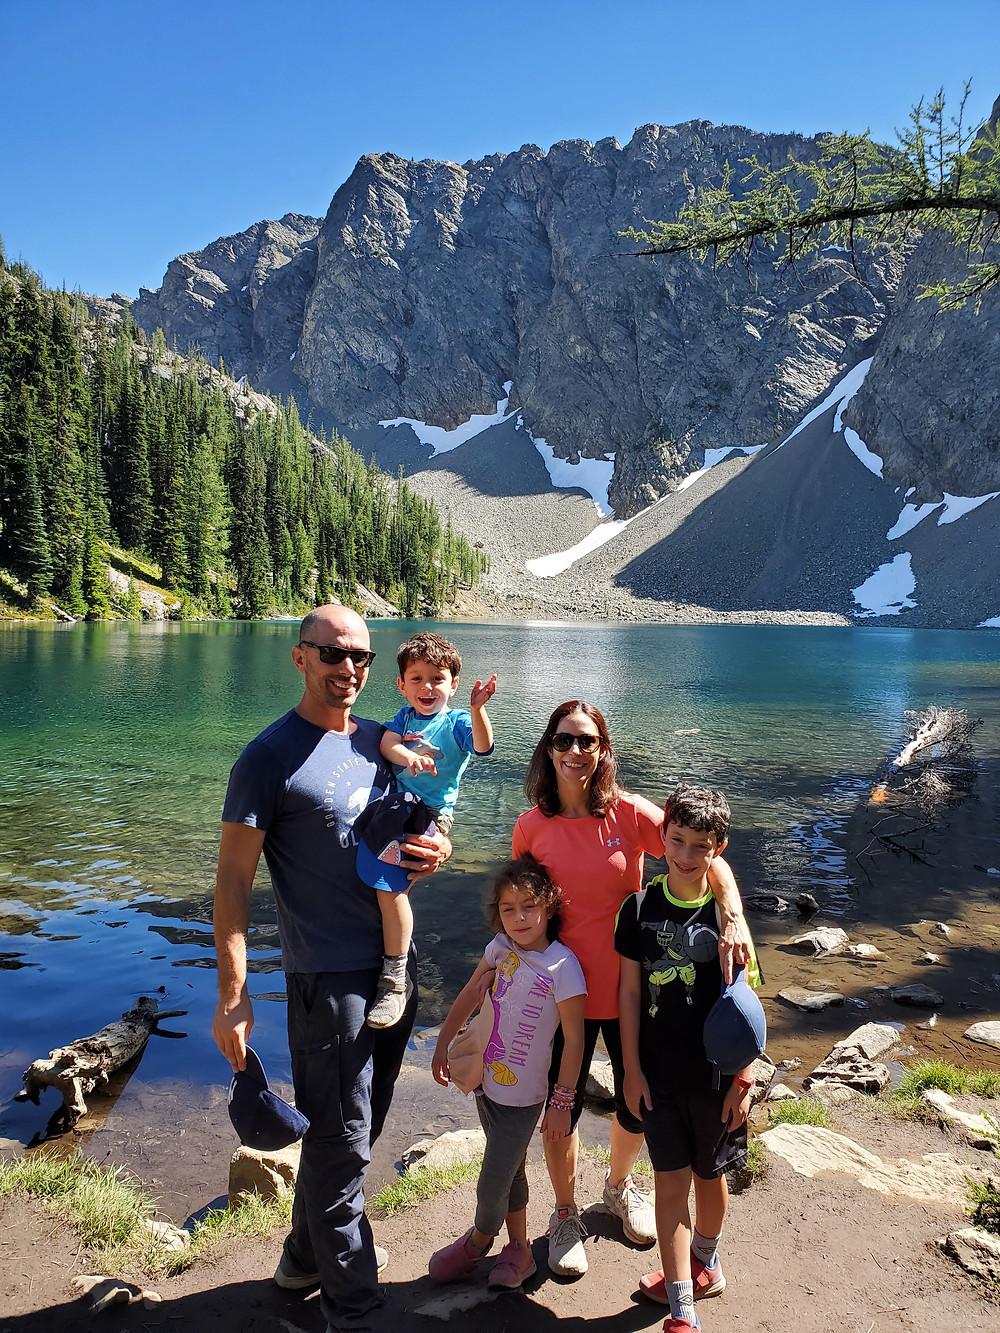 אישה, גבר, תינוק, בן ובת עומדים על רקע אגם בצבעי כחול וירוק וההרים עם שלג ברקע